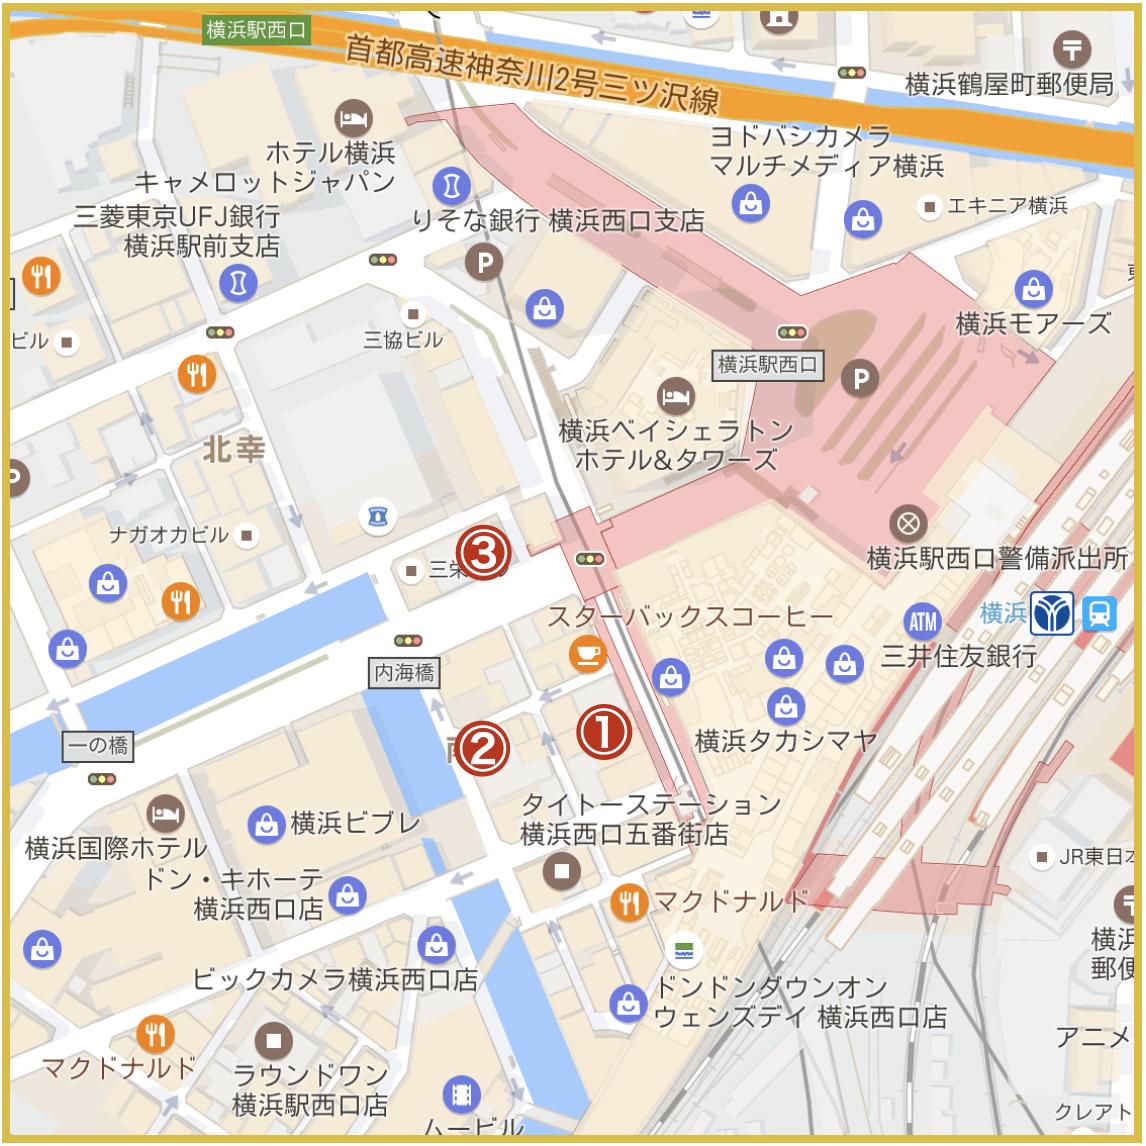 横浜市西区にあるアコム店舗・ATMの位置